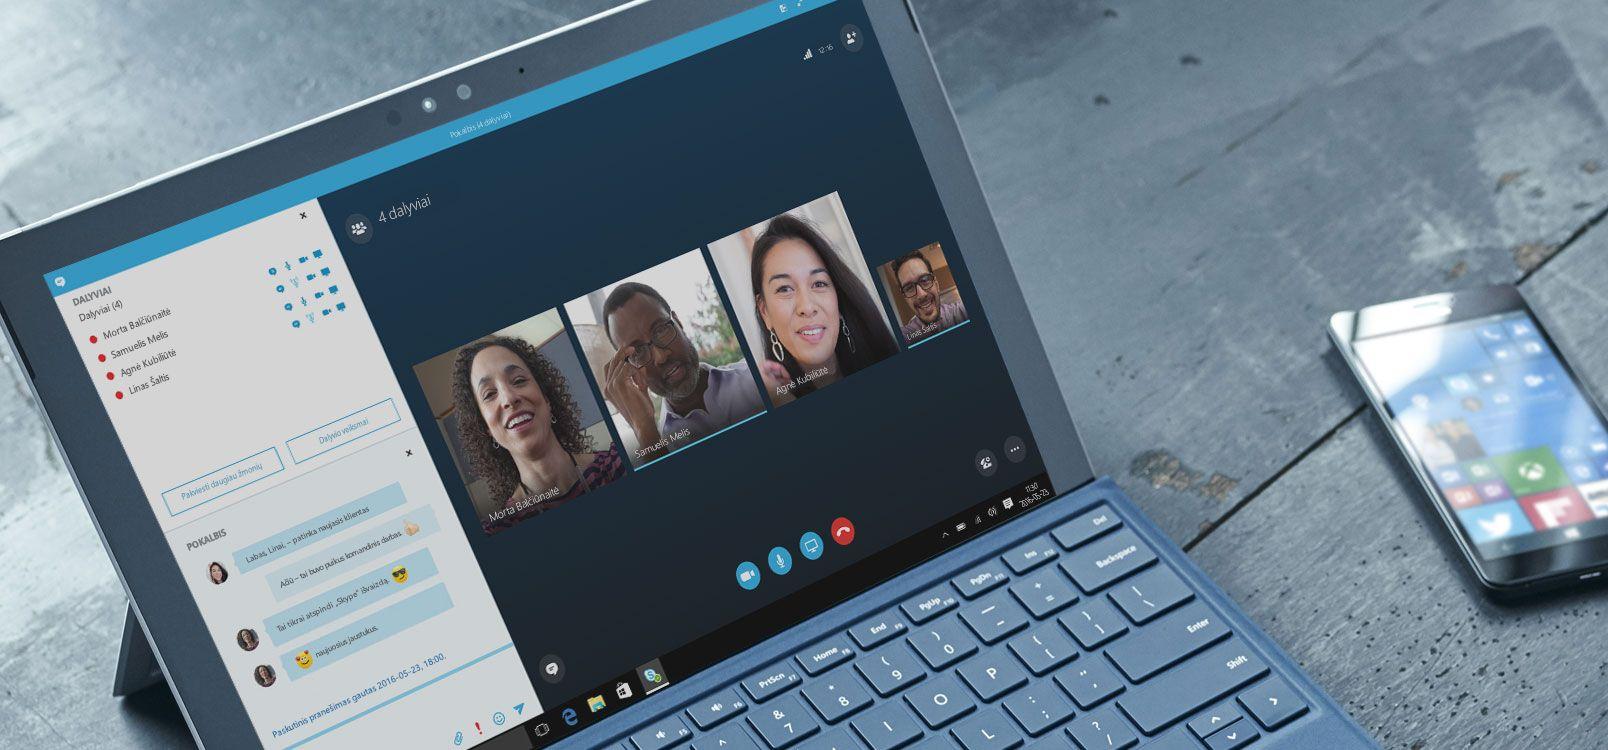 """Moteris, naudojanti """"Office 365"""" planšetiniame kompiuteryje ir išmaniajame telefone, kad galėtų bendradarbiauti dirbdama su dokumentais."""